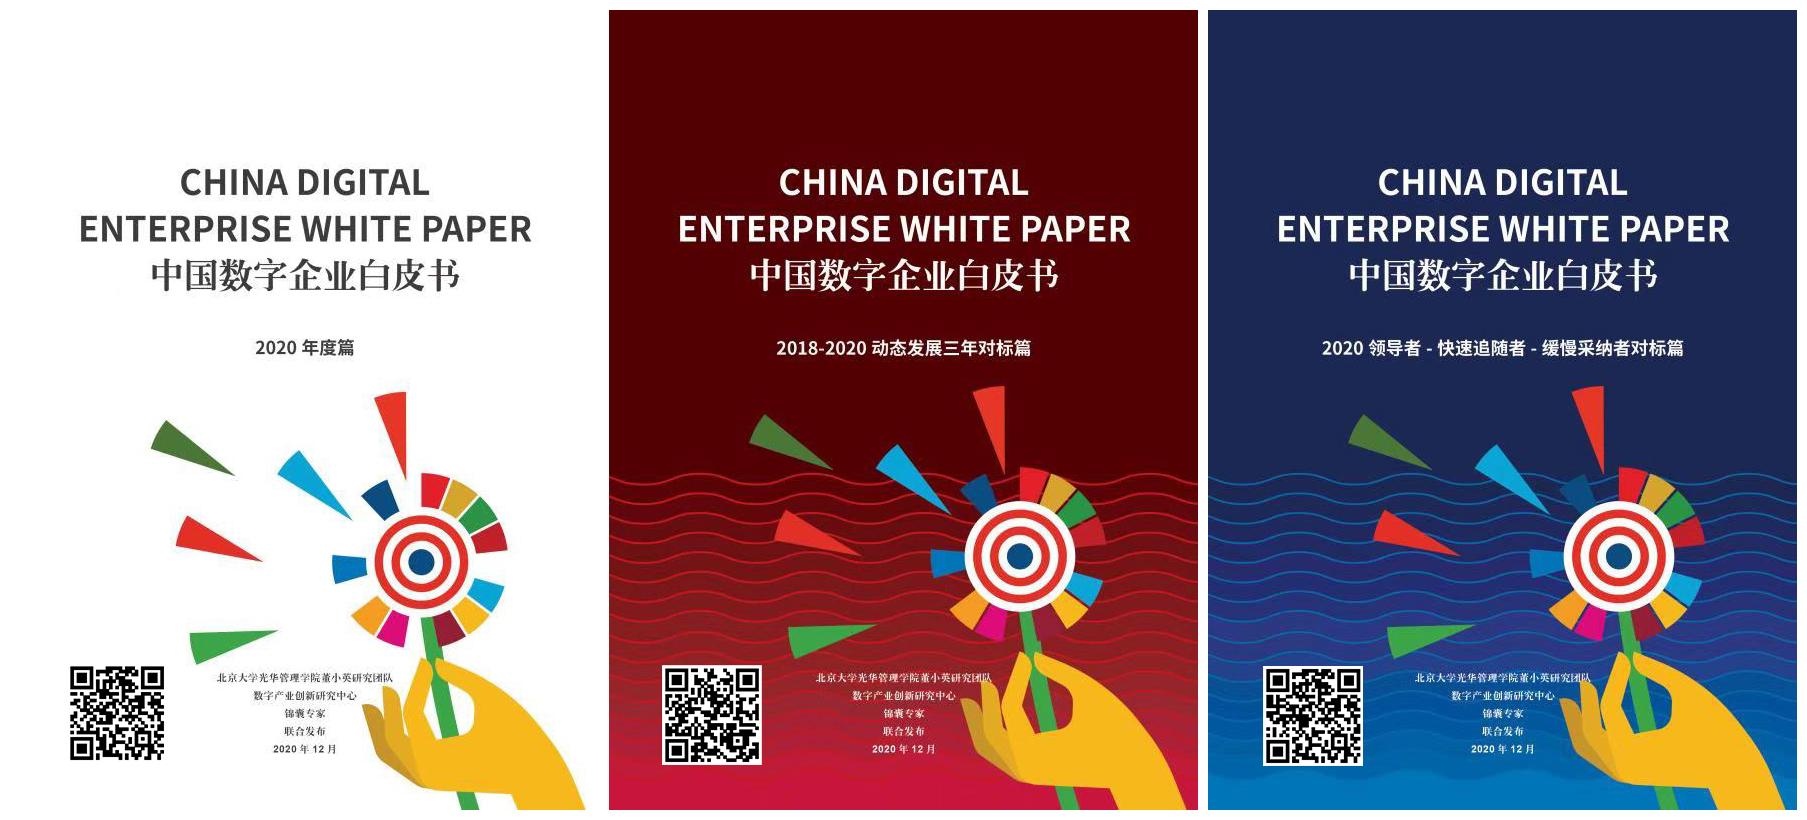 数字产业创新研究中心发布:2020中国数字企业白皮书领导者-快速追随者-缓慢采纳者对标篇